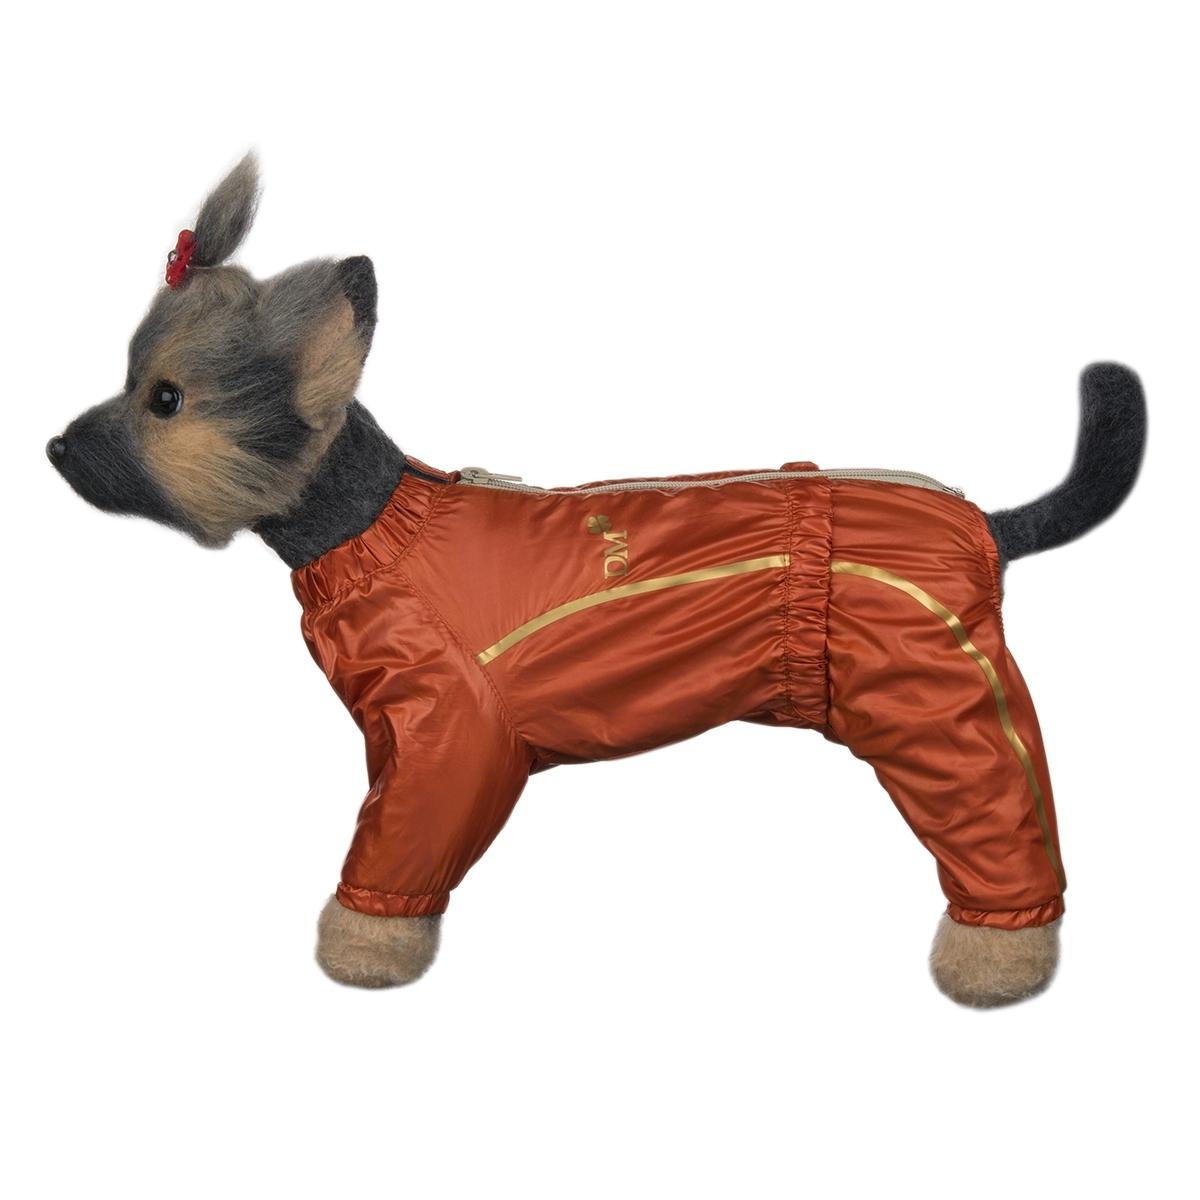 Комбинезон для собак Dogmoda Альпы, для девочки, цвет: оранжевый. Размер 3 (L)DM-160100-3_оранжКомбинезон для собак Dogmoda Альпы отлично подойдет для прогулок поздней осенью или ранней весной.Комбинезон изготовлен из полиэстера, защищающего от ветра и осадков, с подкладкой из флиса, которая сохранит тепло и обеспечит отличный воздухообмен.Комбинезон застегивается на молнию и липучку, благодаря чему его легко надевать и снимать. Ворот, низ рукавов и брючин оснащены внутренними резинками, которые мягко обхватывают шею и лапки, не позволяя просачиваться холодному воздуху. На пояснице имеется внутренняя резинка. Изделие декорировано золотистыми полосками и надписью DM.Благодаря такому комбинезону простуда не грозит вашему питомцу и он не даст любимцу продрогнуть на прогулке.Длина по спинке: 28 см.Объем груди: 45 см.Обхват шеи: 29 см.